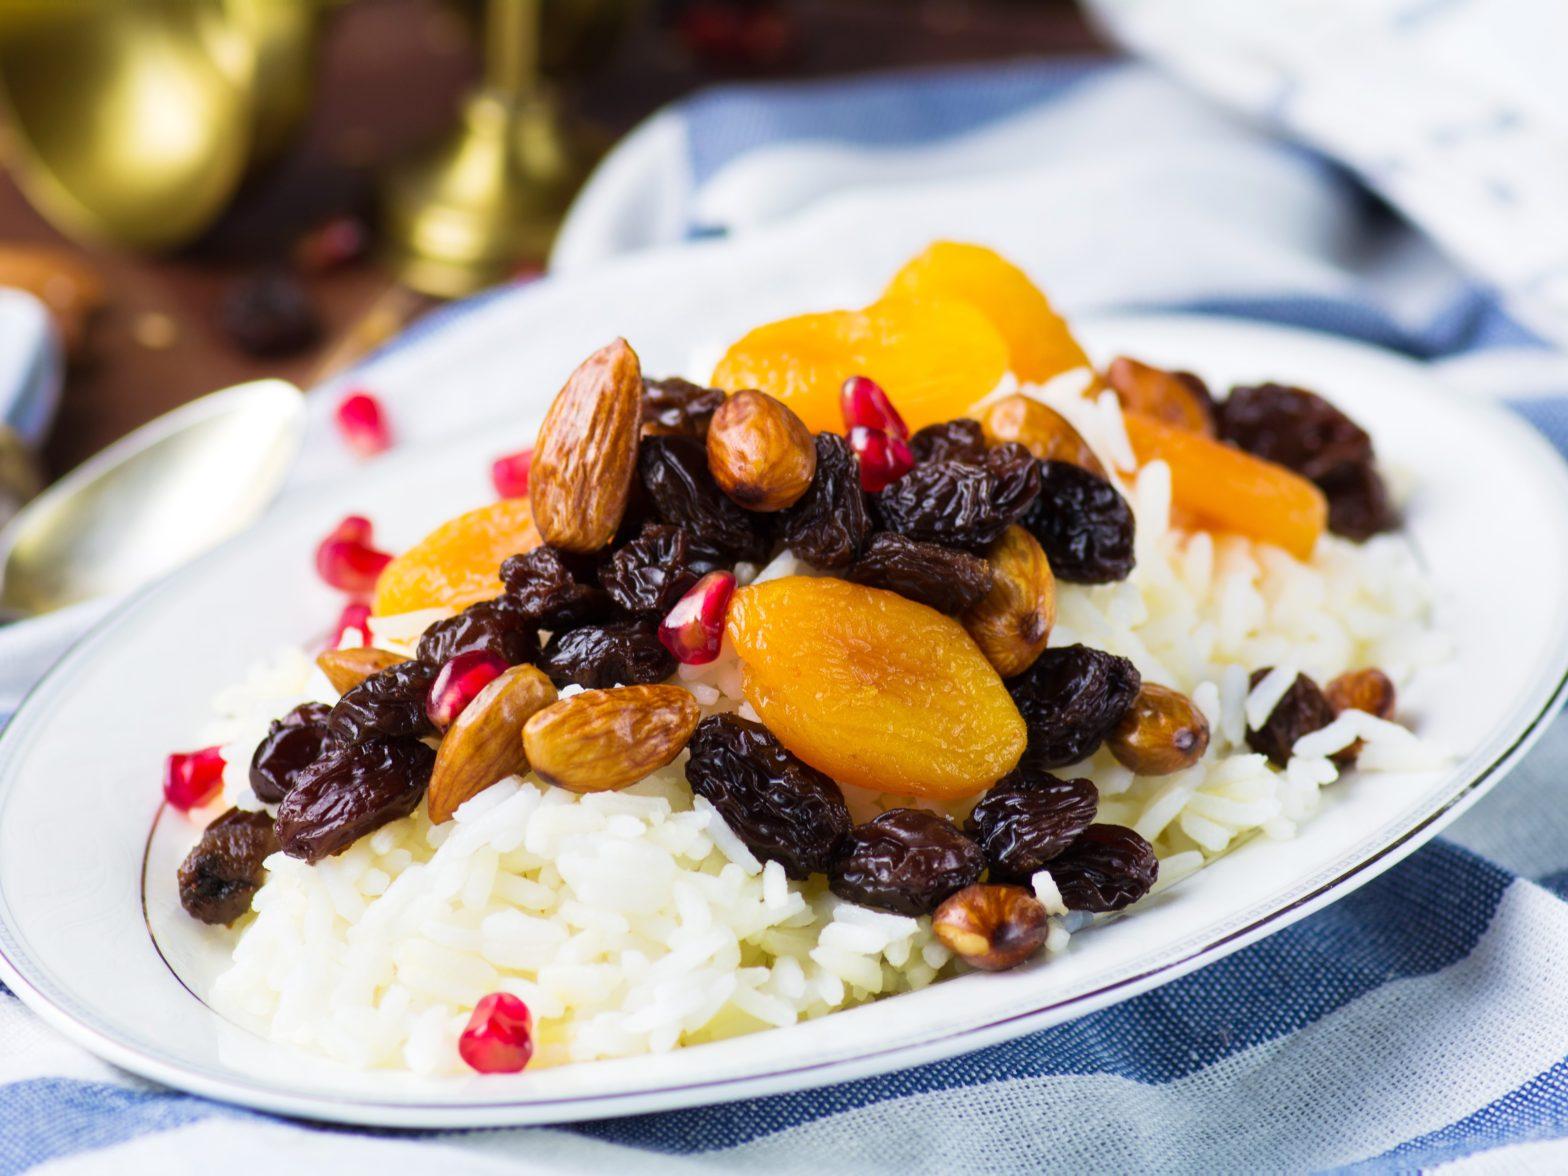 אורז עם פירות יבשים של איילת לטוביץ'